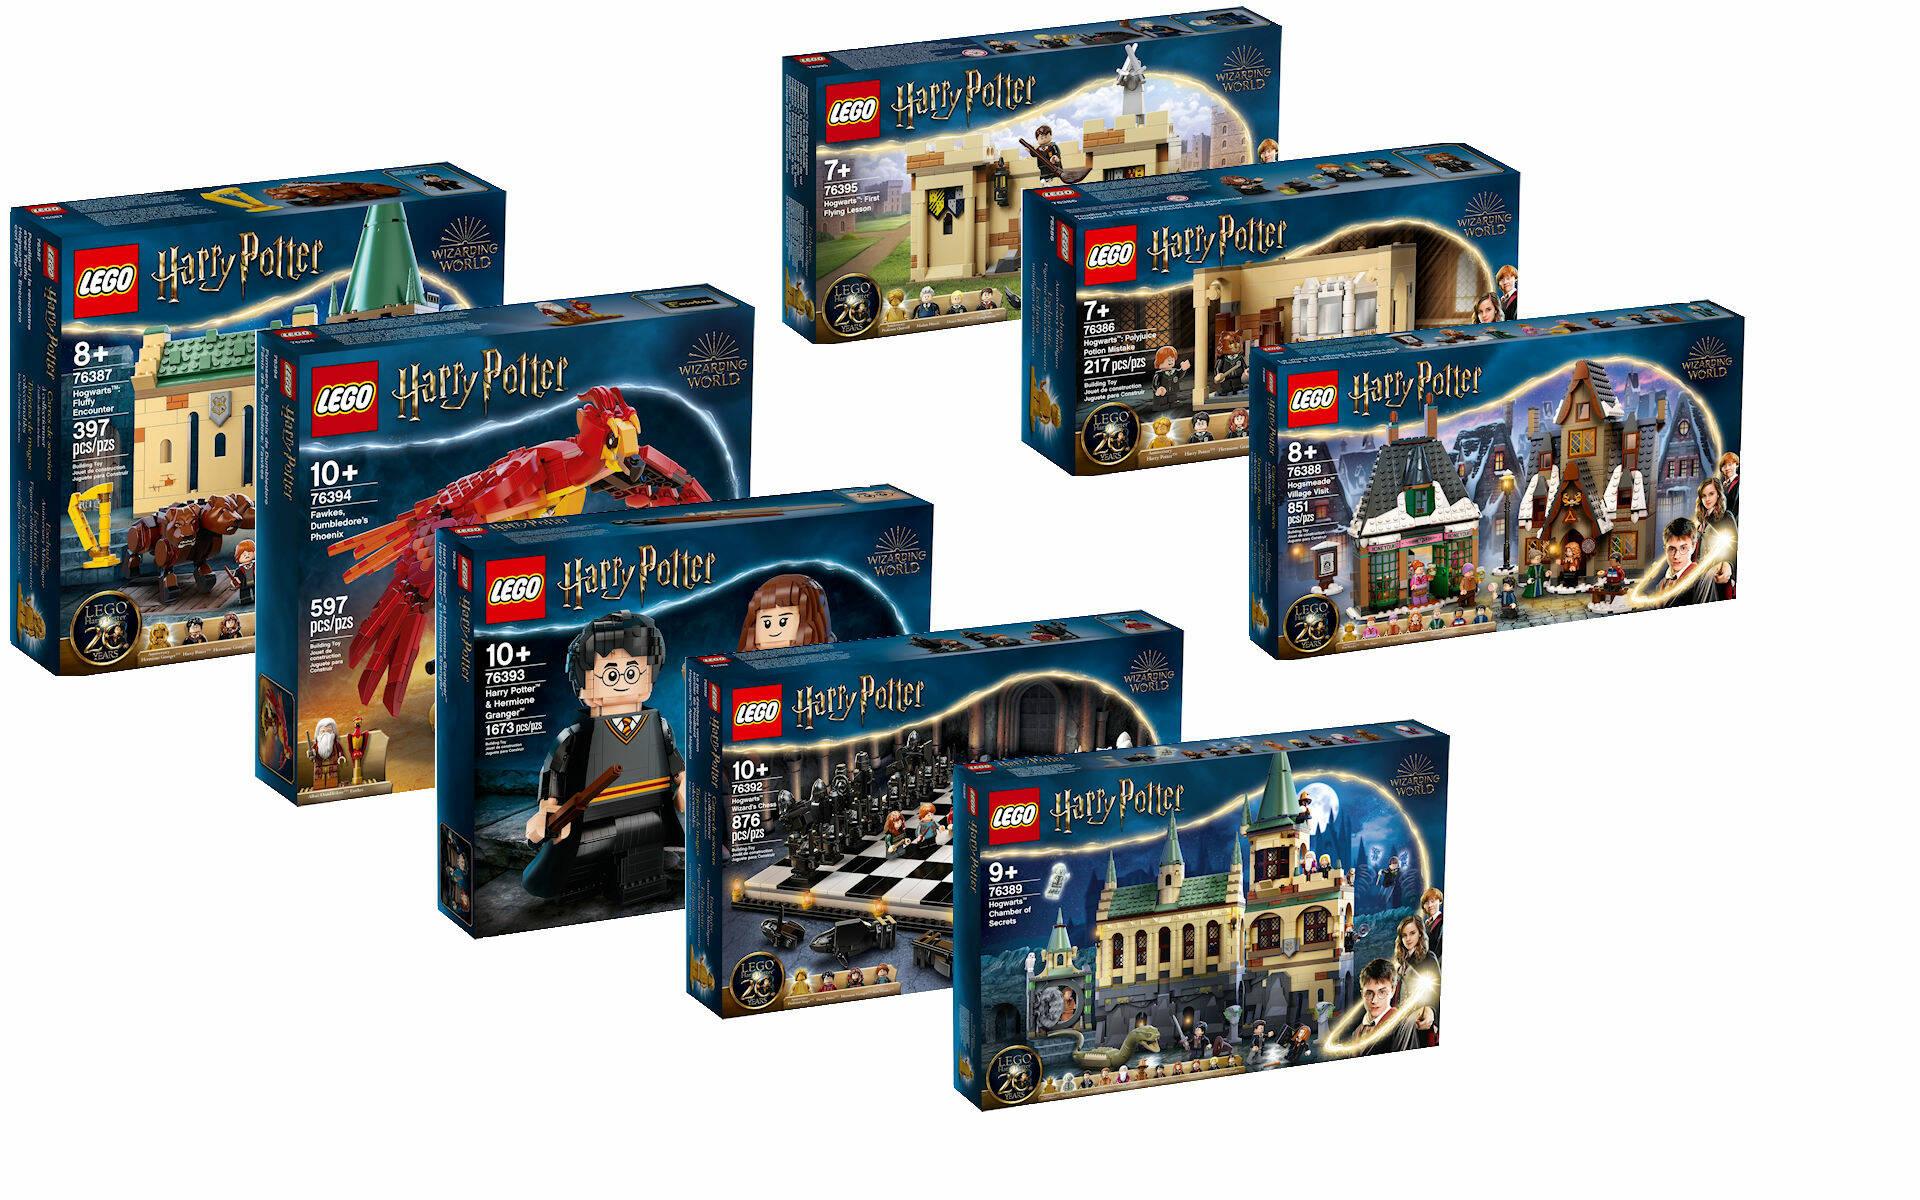 LEGO HARRY POTTER SUMMER WAVE 2021